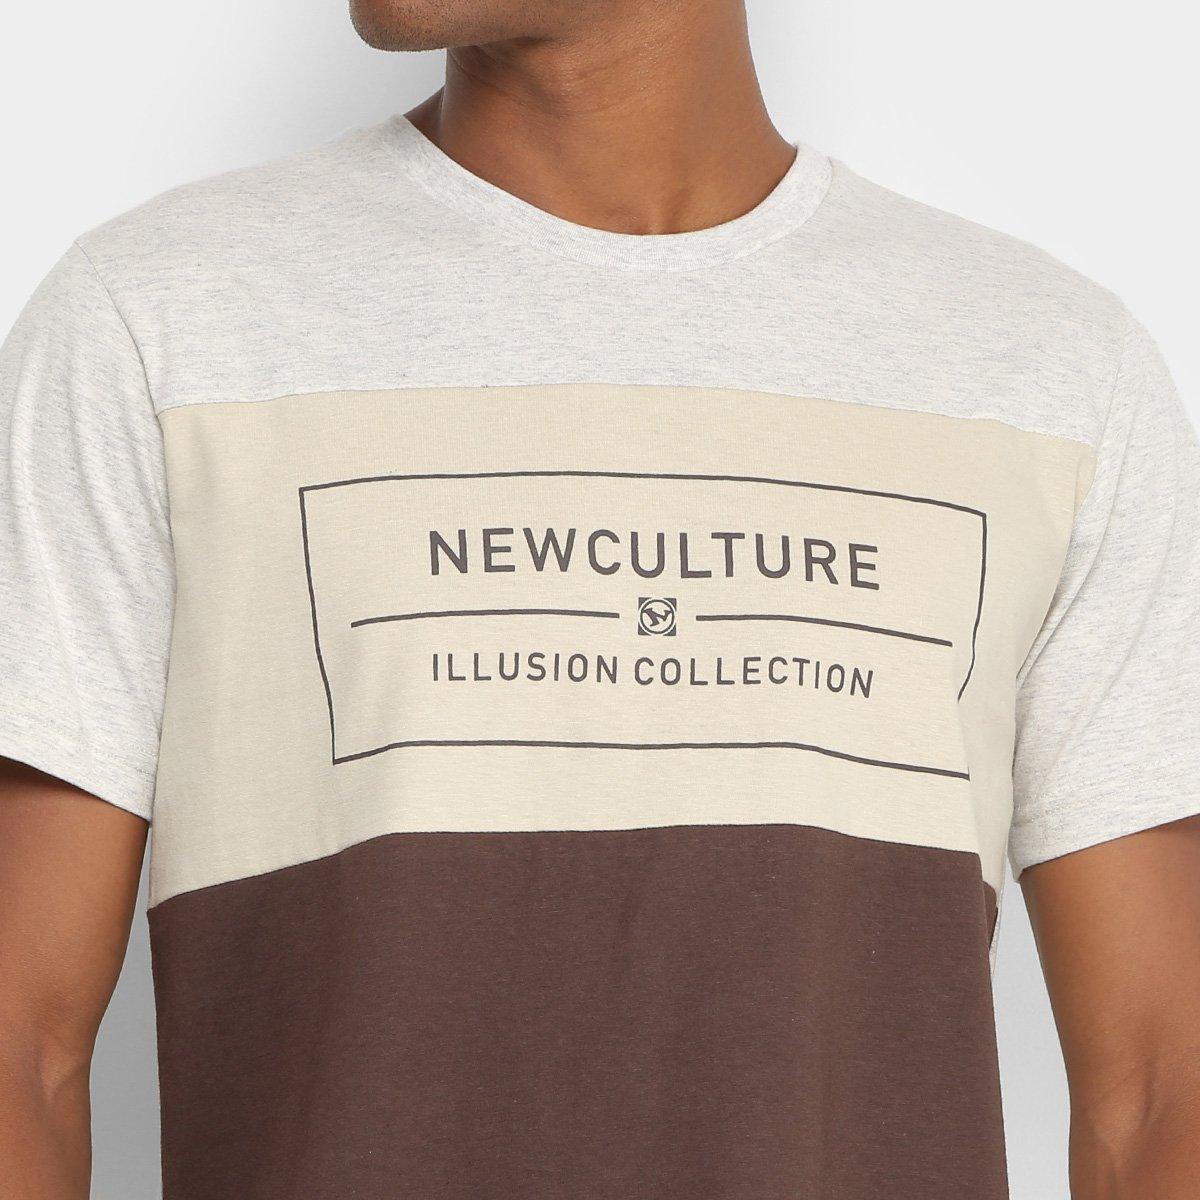 4e7e2308d7 Camiseta New Skate Especial Collection Masculina - Compre Agora ...